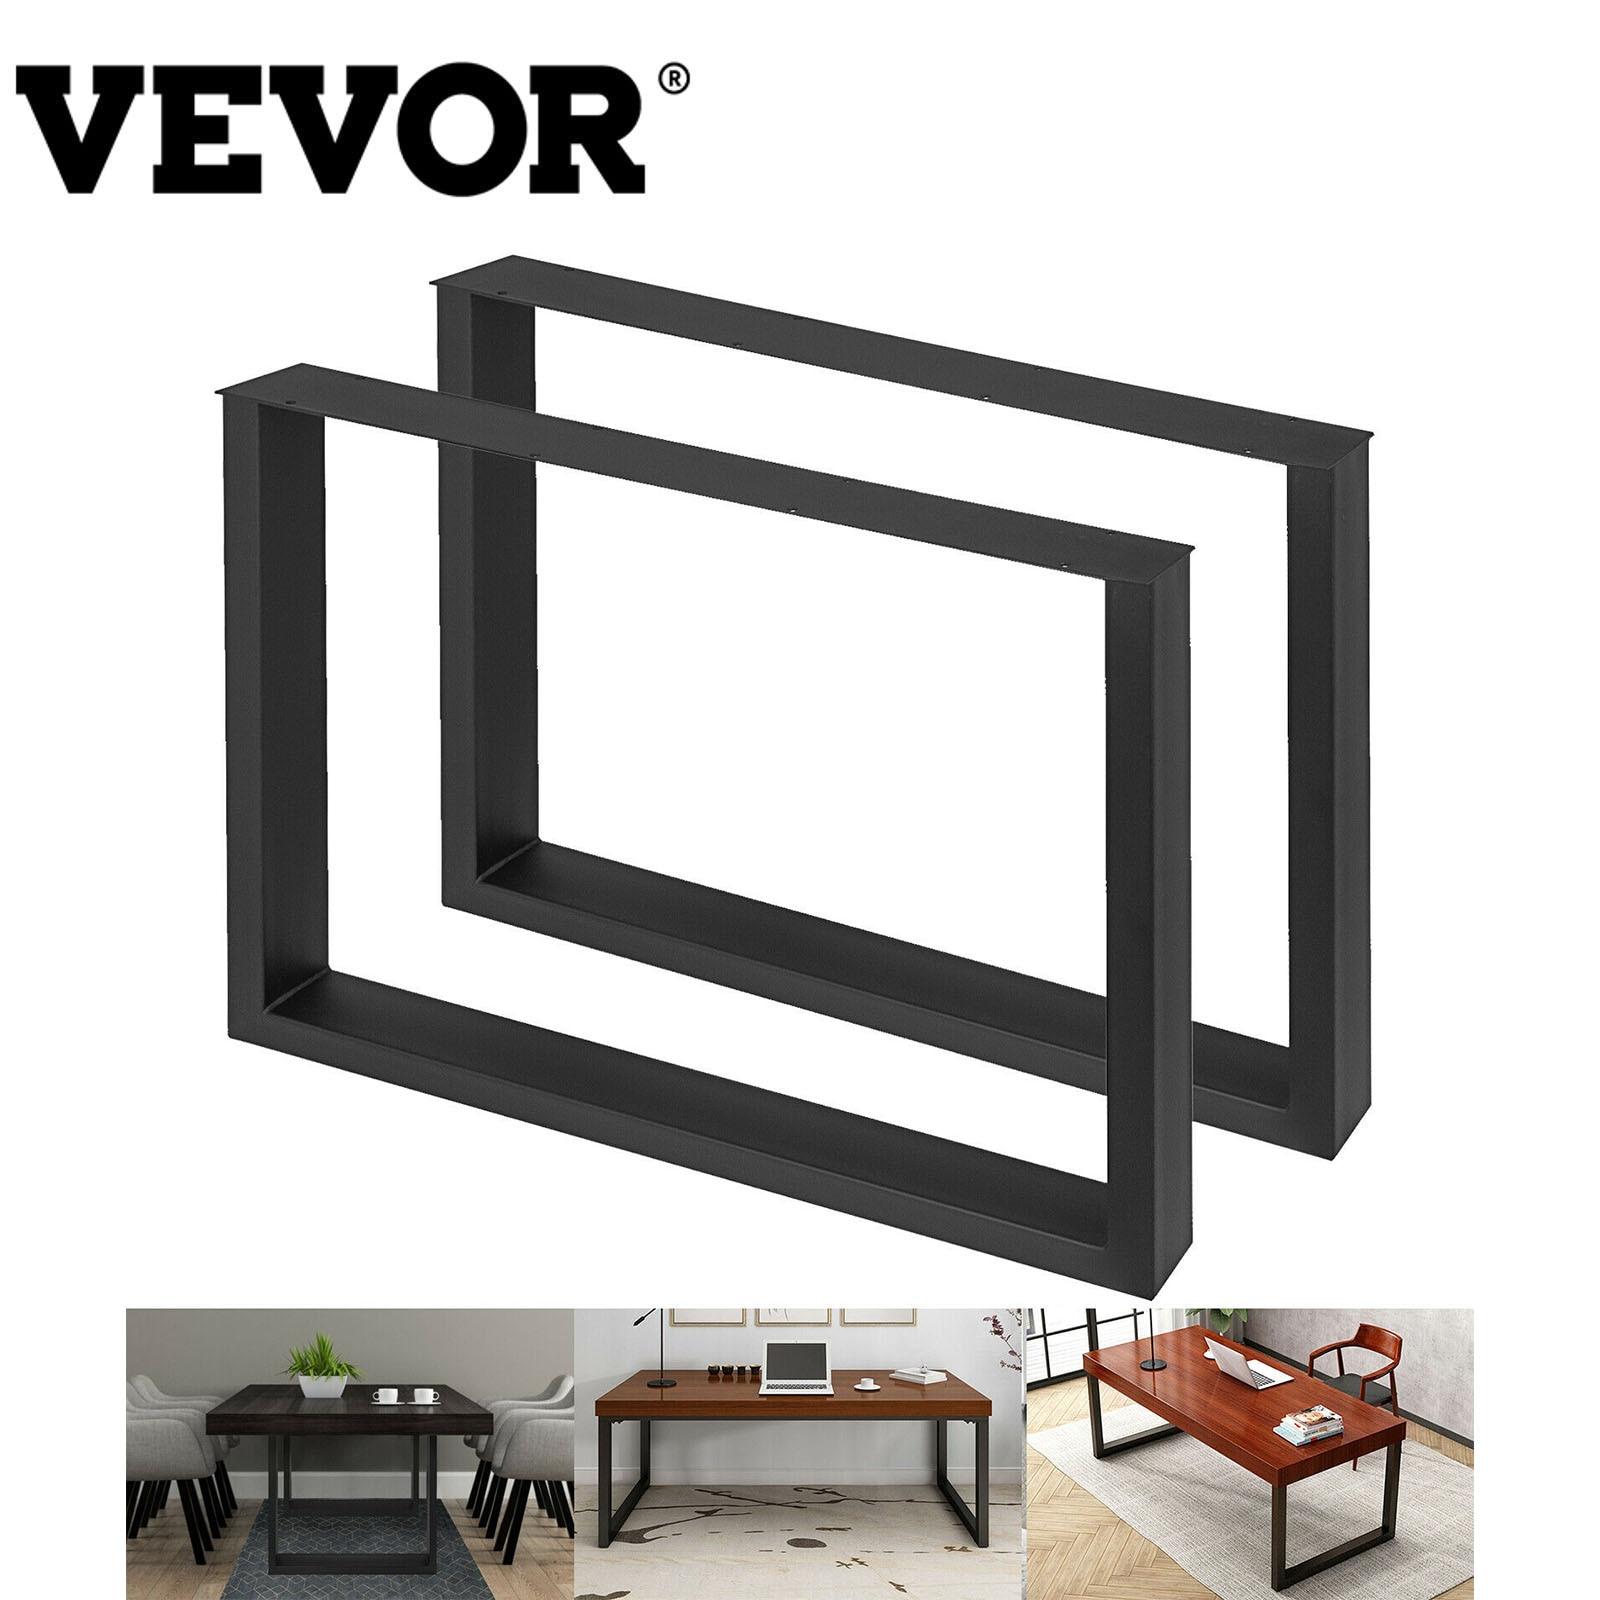 VEVOR 2 قطعة أرجل طاولة من المعدن على شكل مربع الثقيلة الصلب دائم سهلة لتجميع لمجلس الوزراء مكتب الطعام الاستخدام المنزلي التجاري